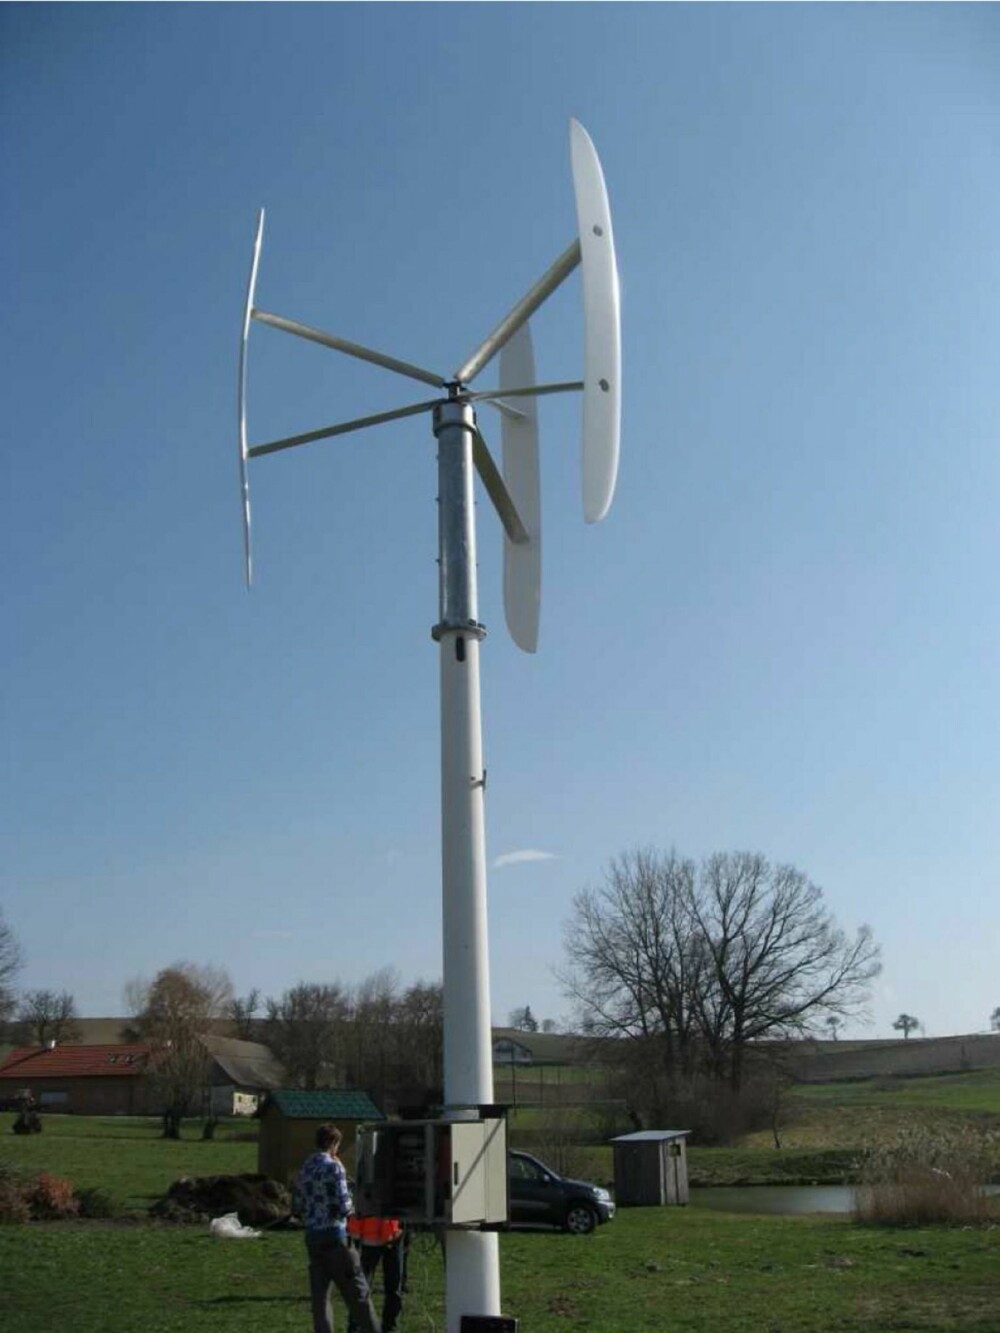 VINDKRAFT: Vertikal vindgenerator fra Helt grønn.